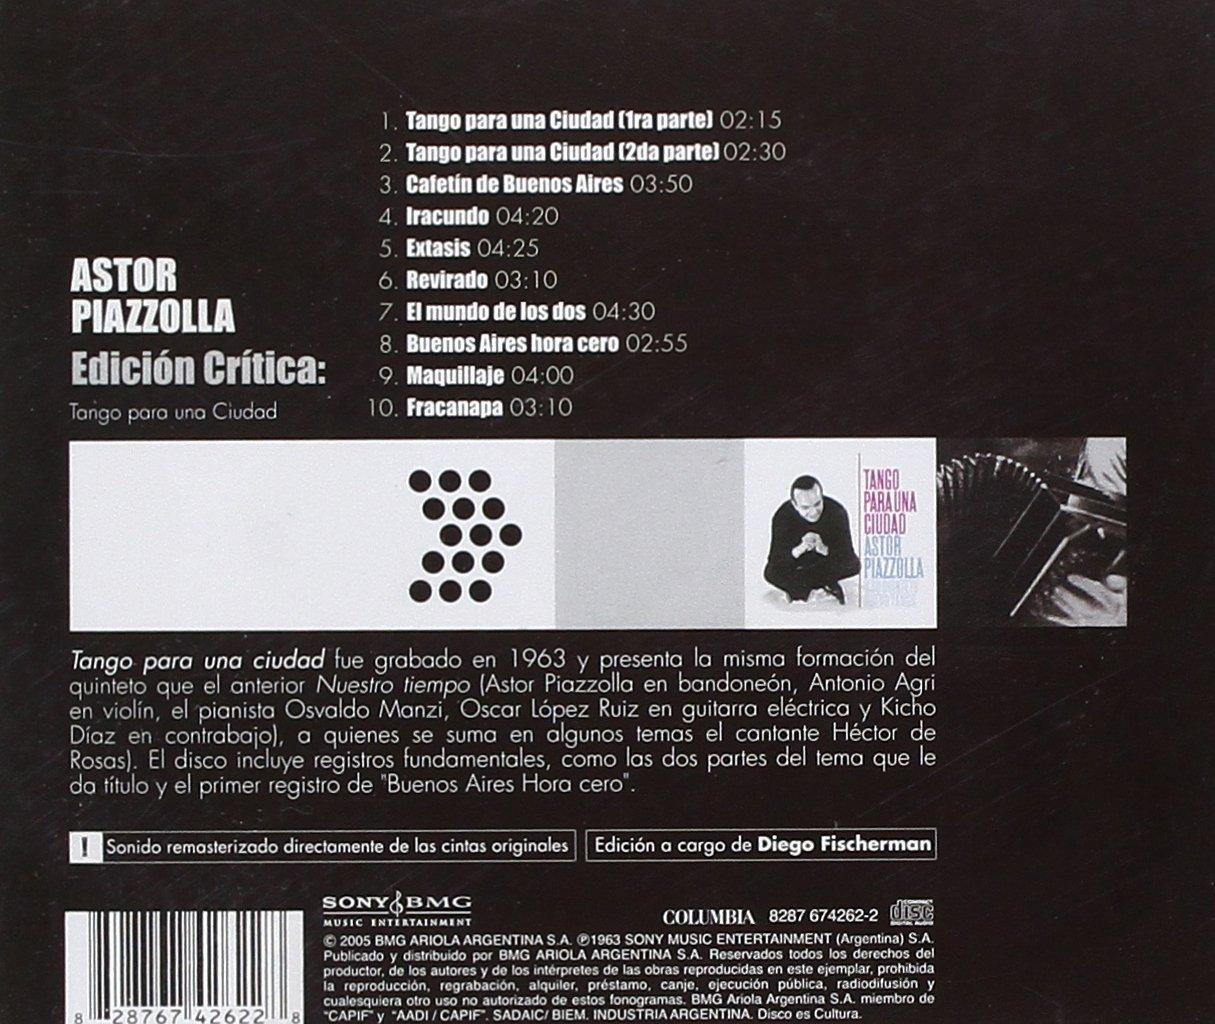 Astor Piazzolla - Edicion Critica: Tango Para Una Ciud Ad - Amazon.com Music